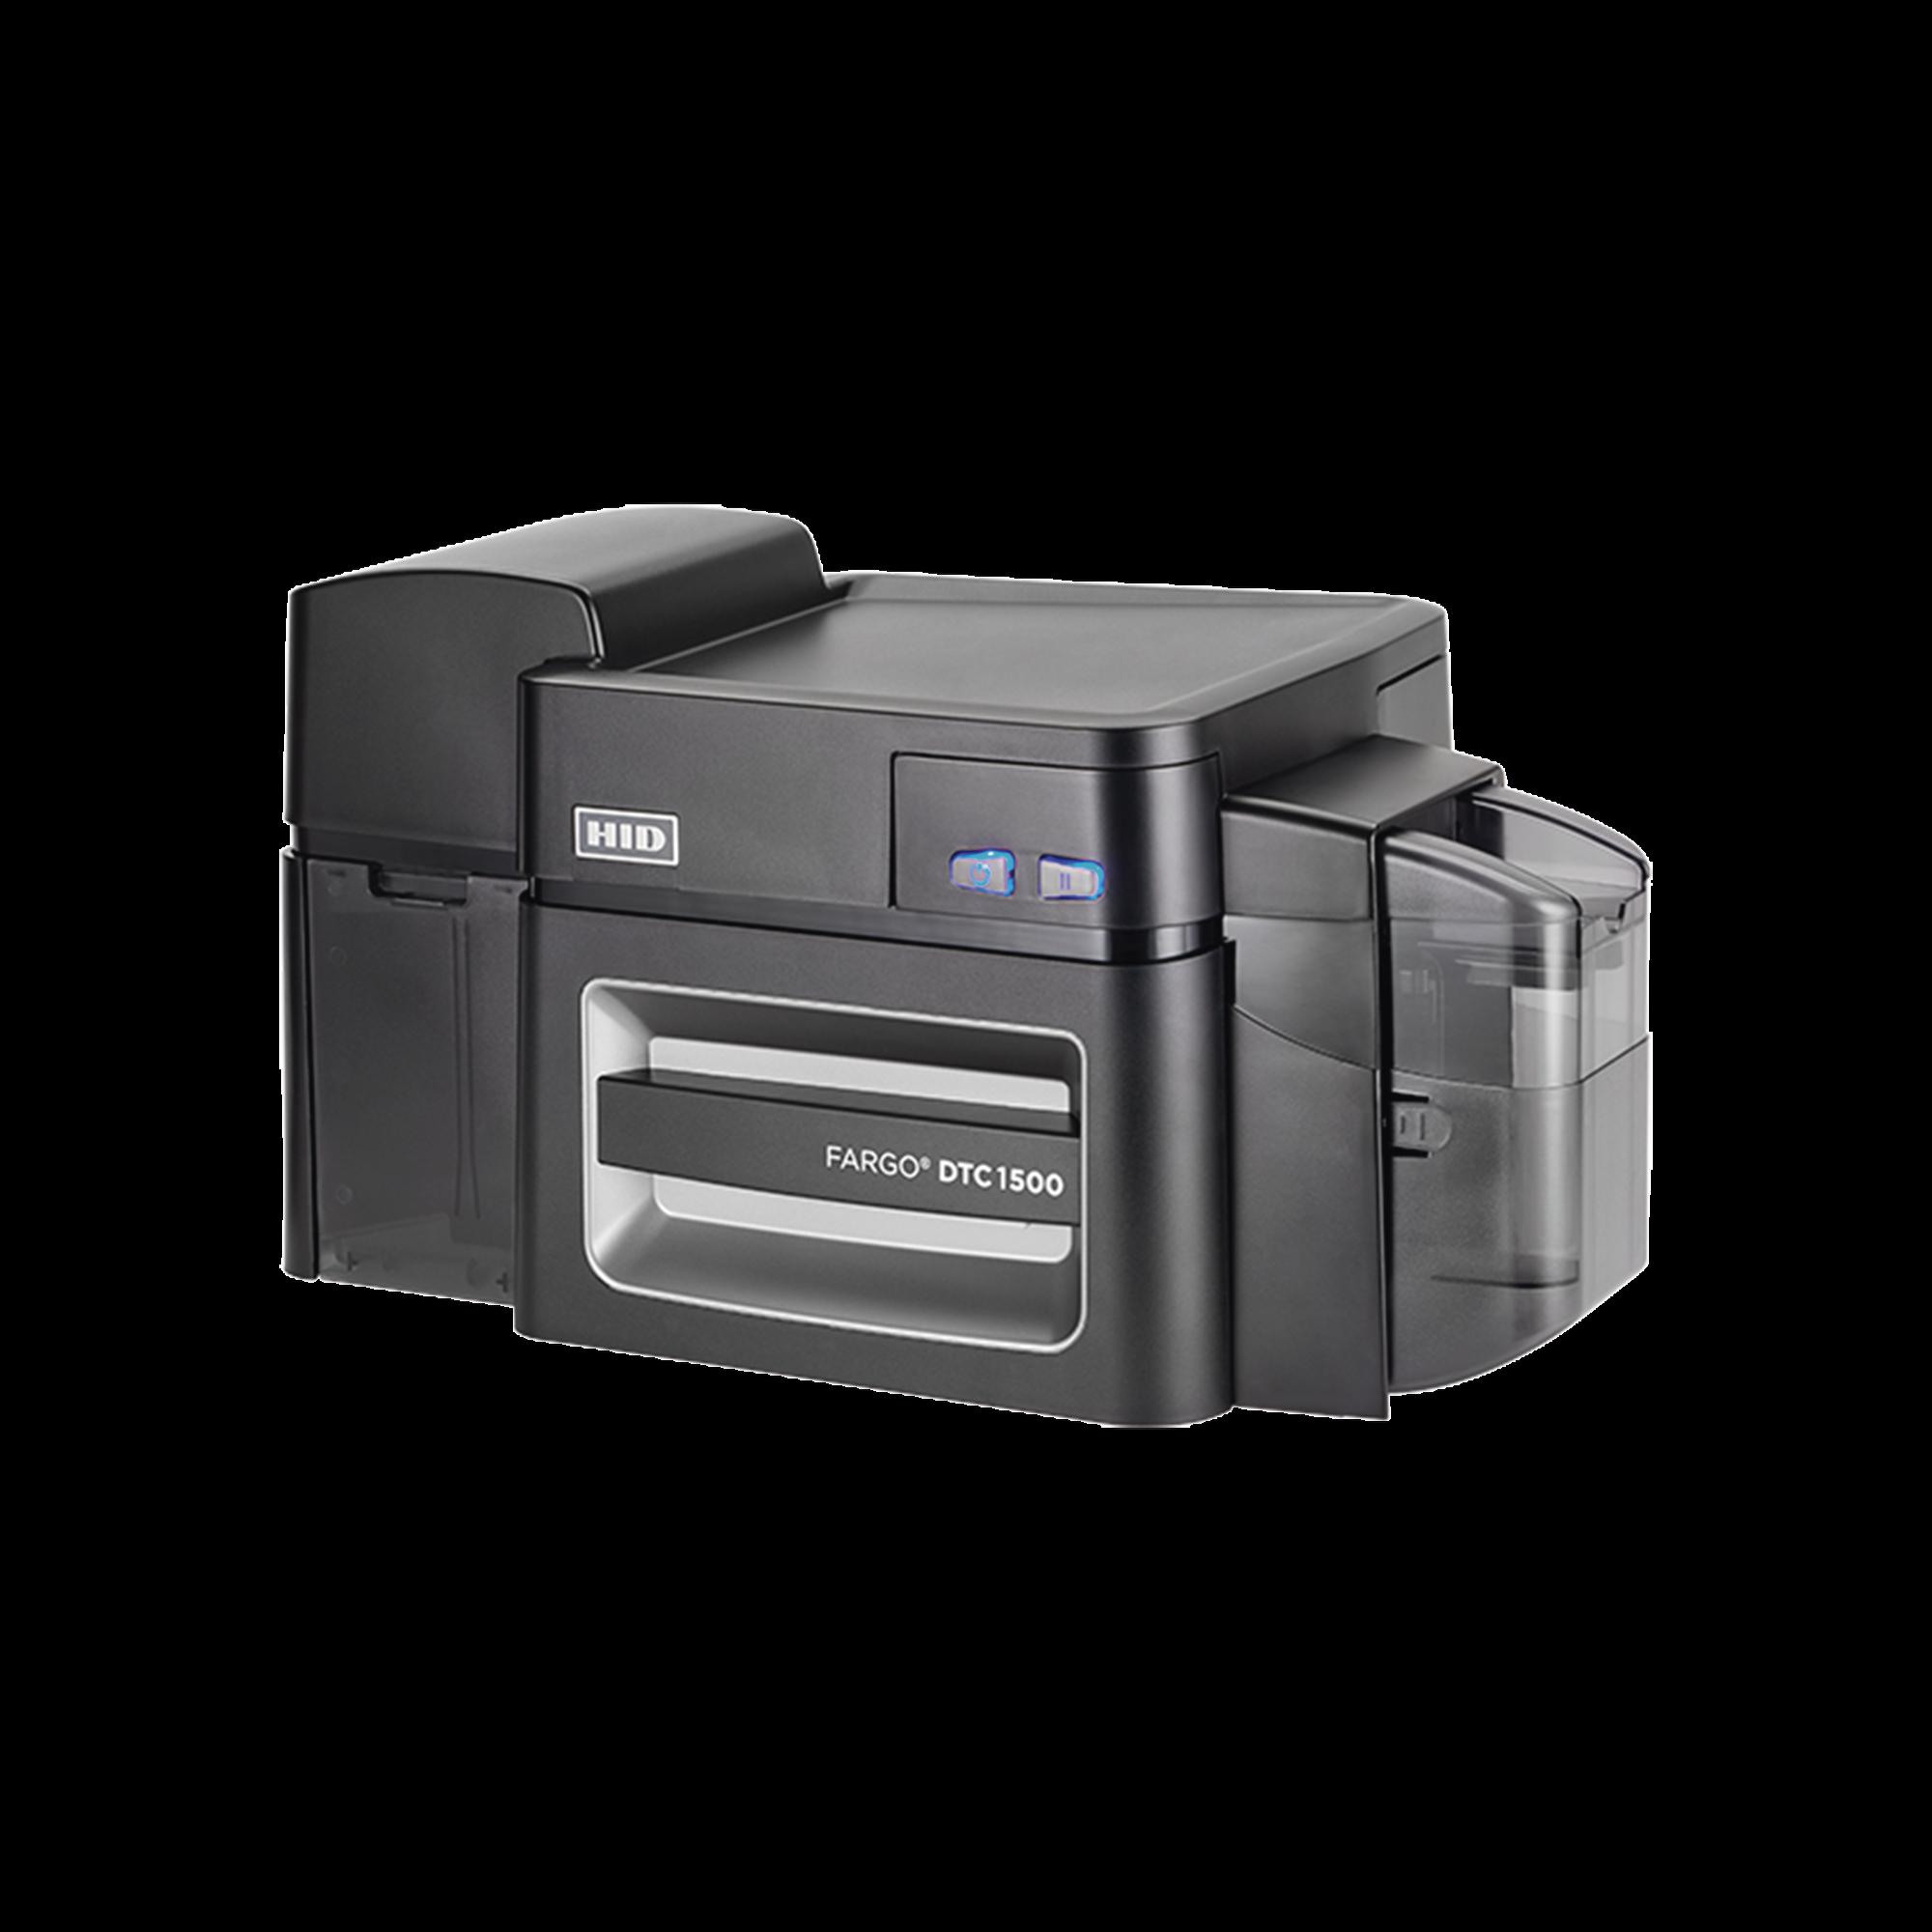 Impresora Profesional de Una Cara DTC1500/ Borrado informacion/ Marca de Agua